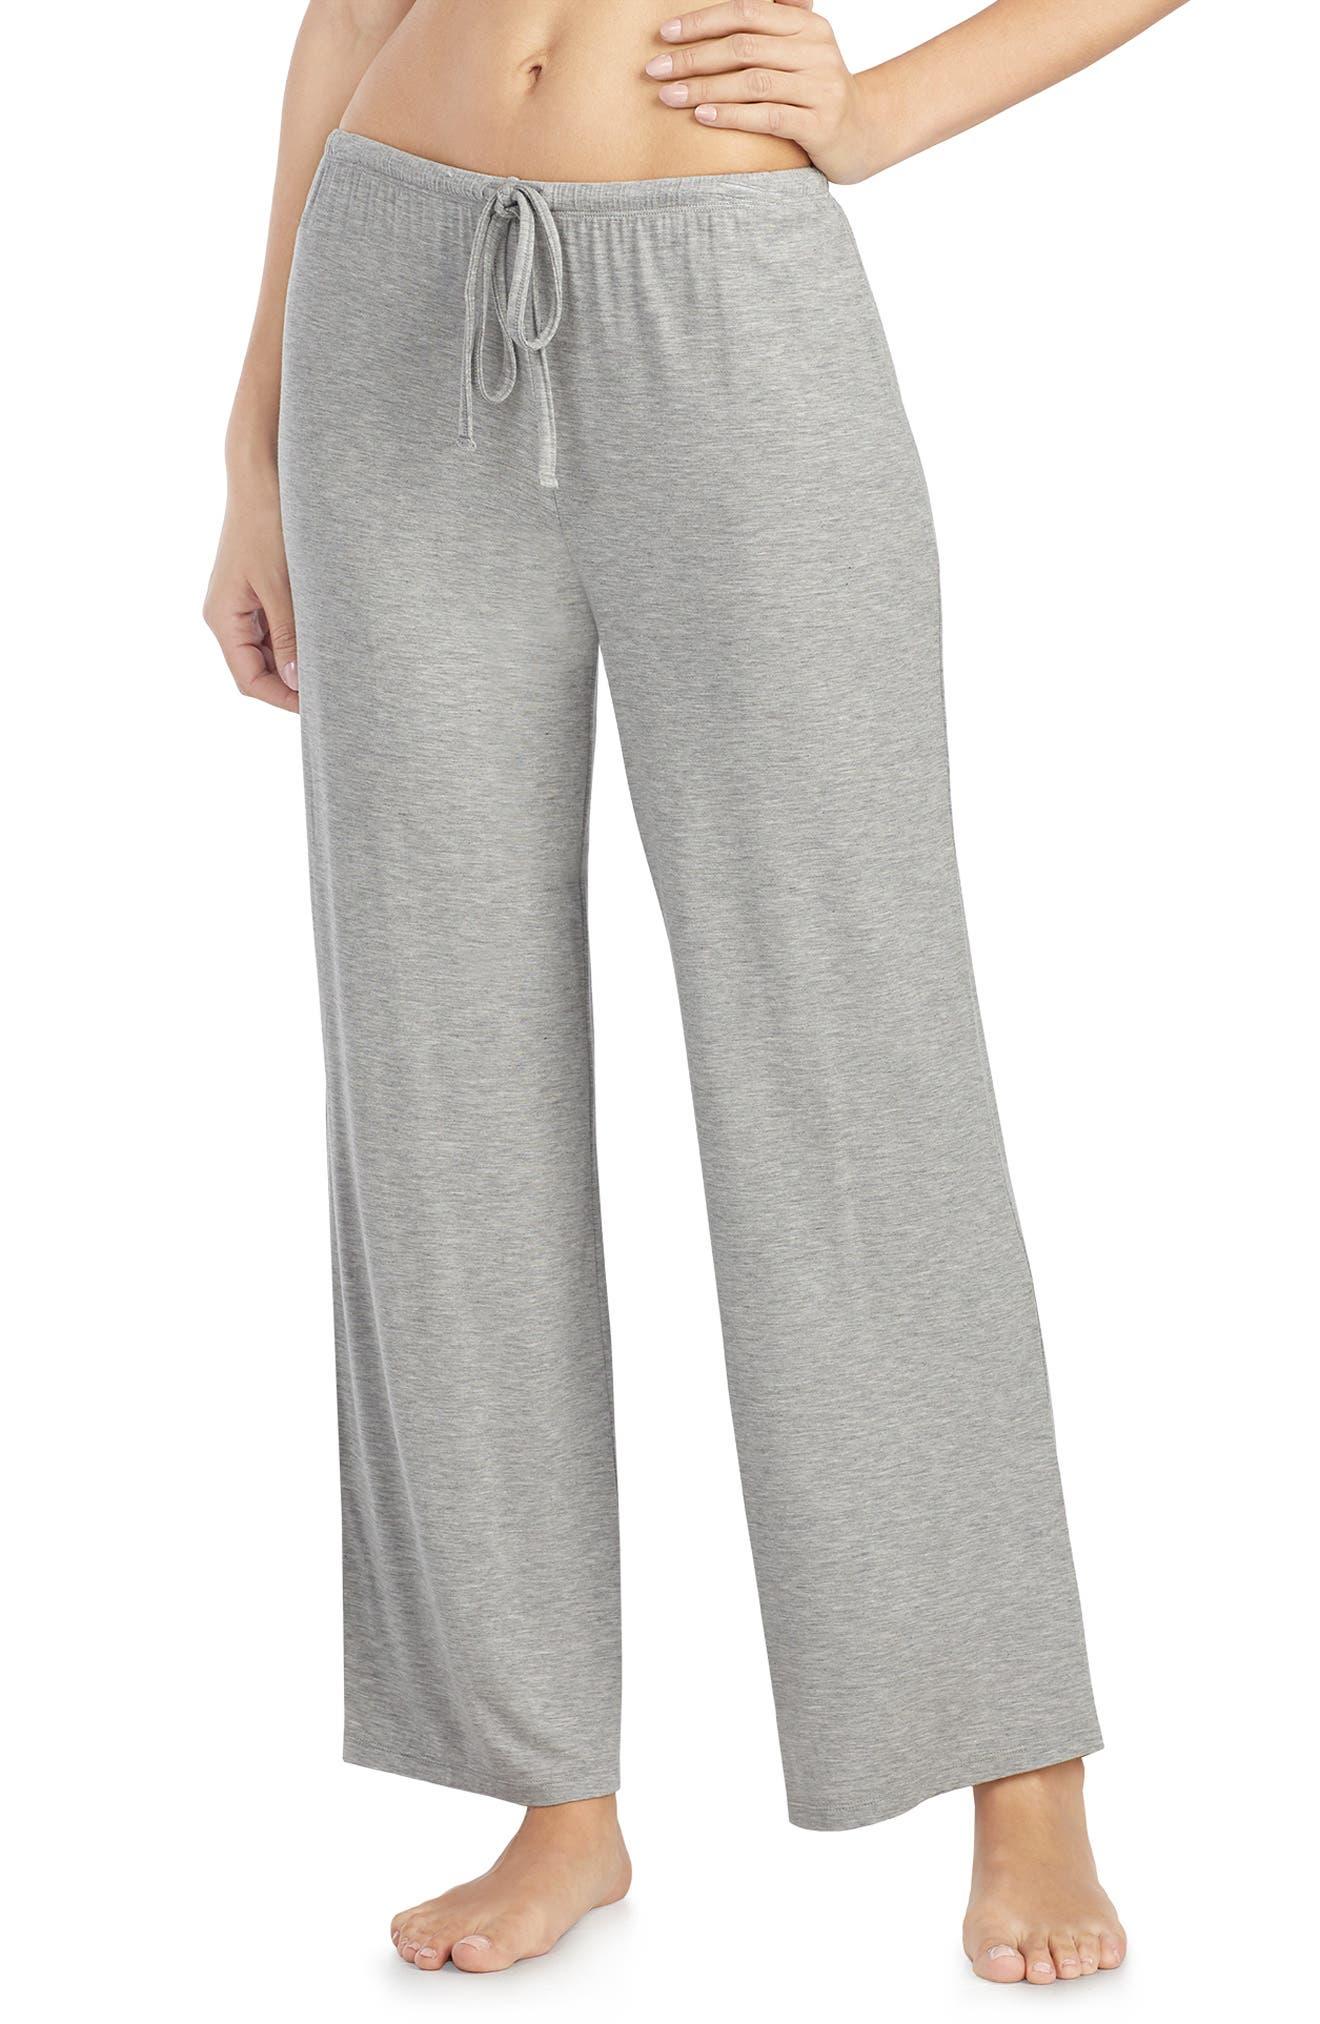 LAUREN RALPH LAUREN, Pajama Pants, Main thumbnail 1, color, GREY